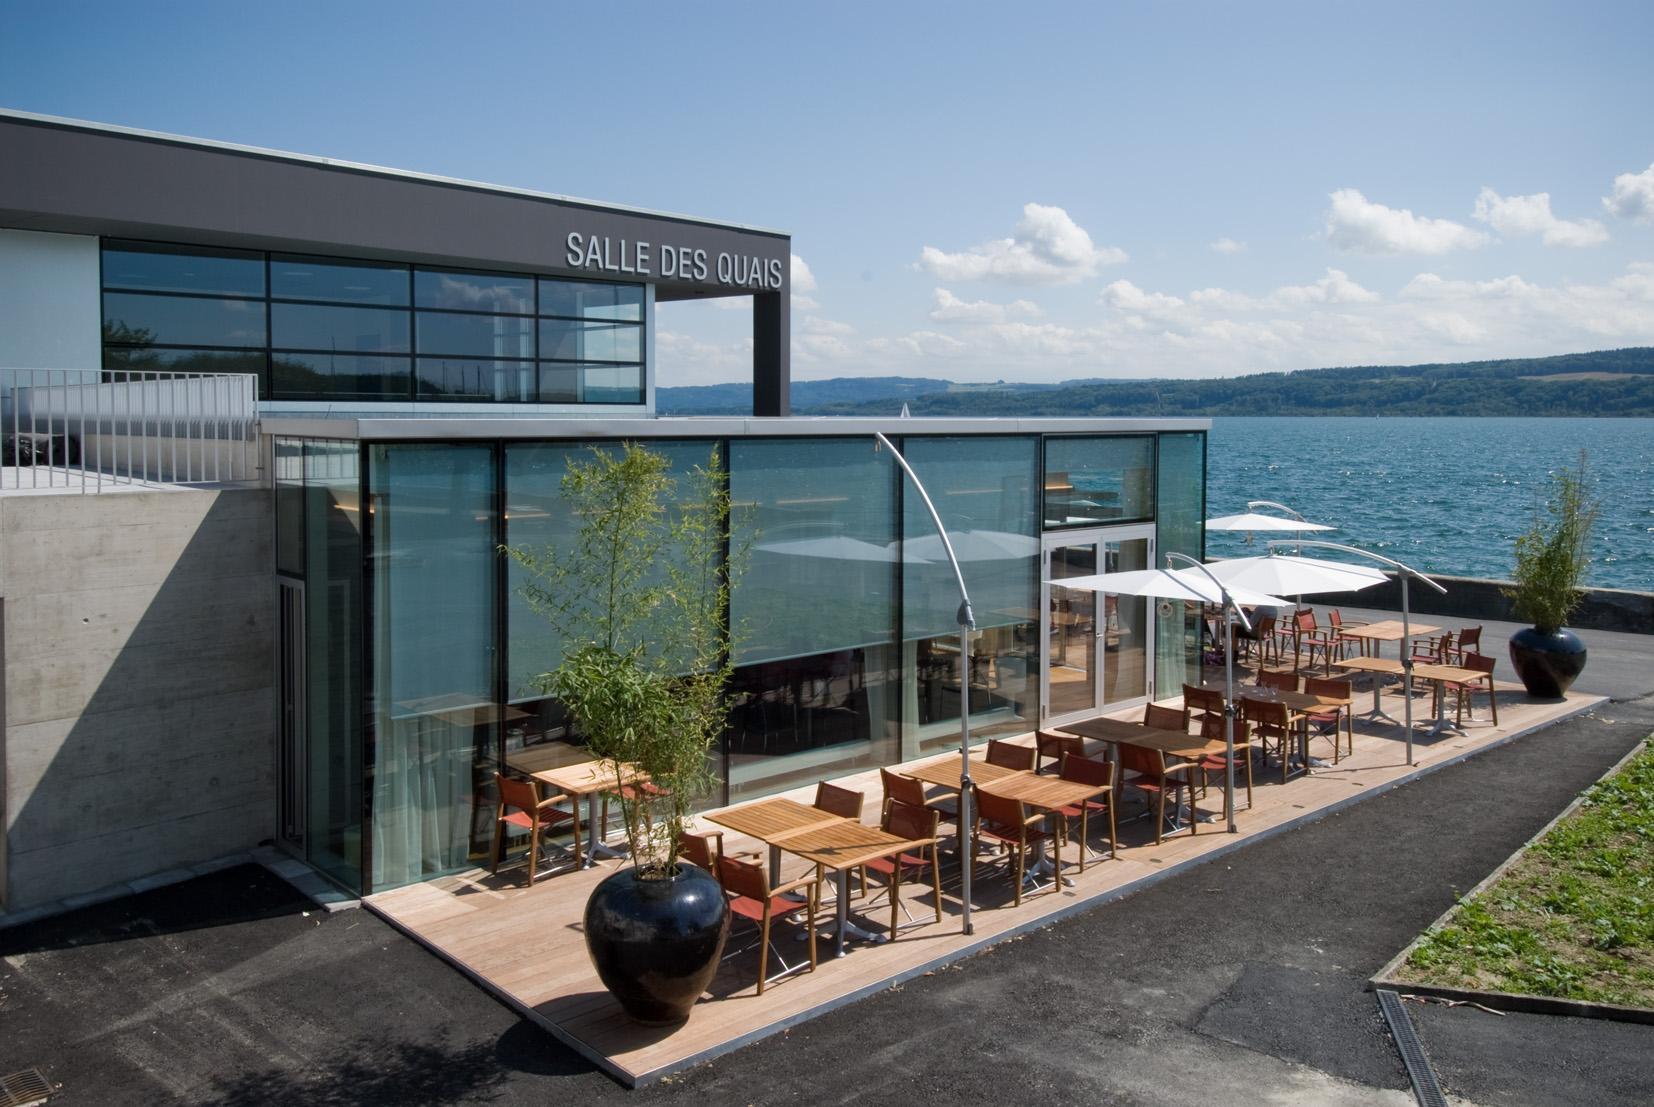 Salle De Bain Jura Suisse ~ salle des quais yverdon les bains region jura lac suisse